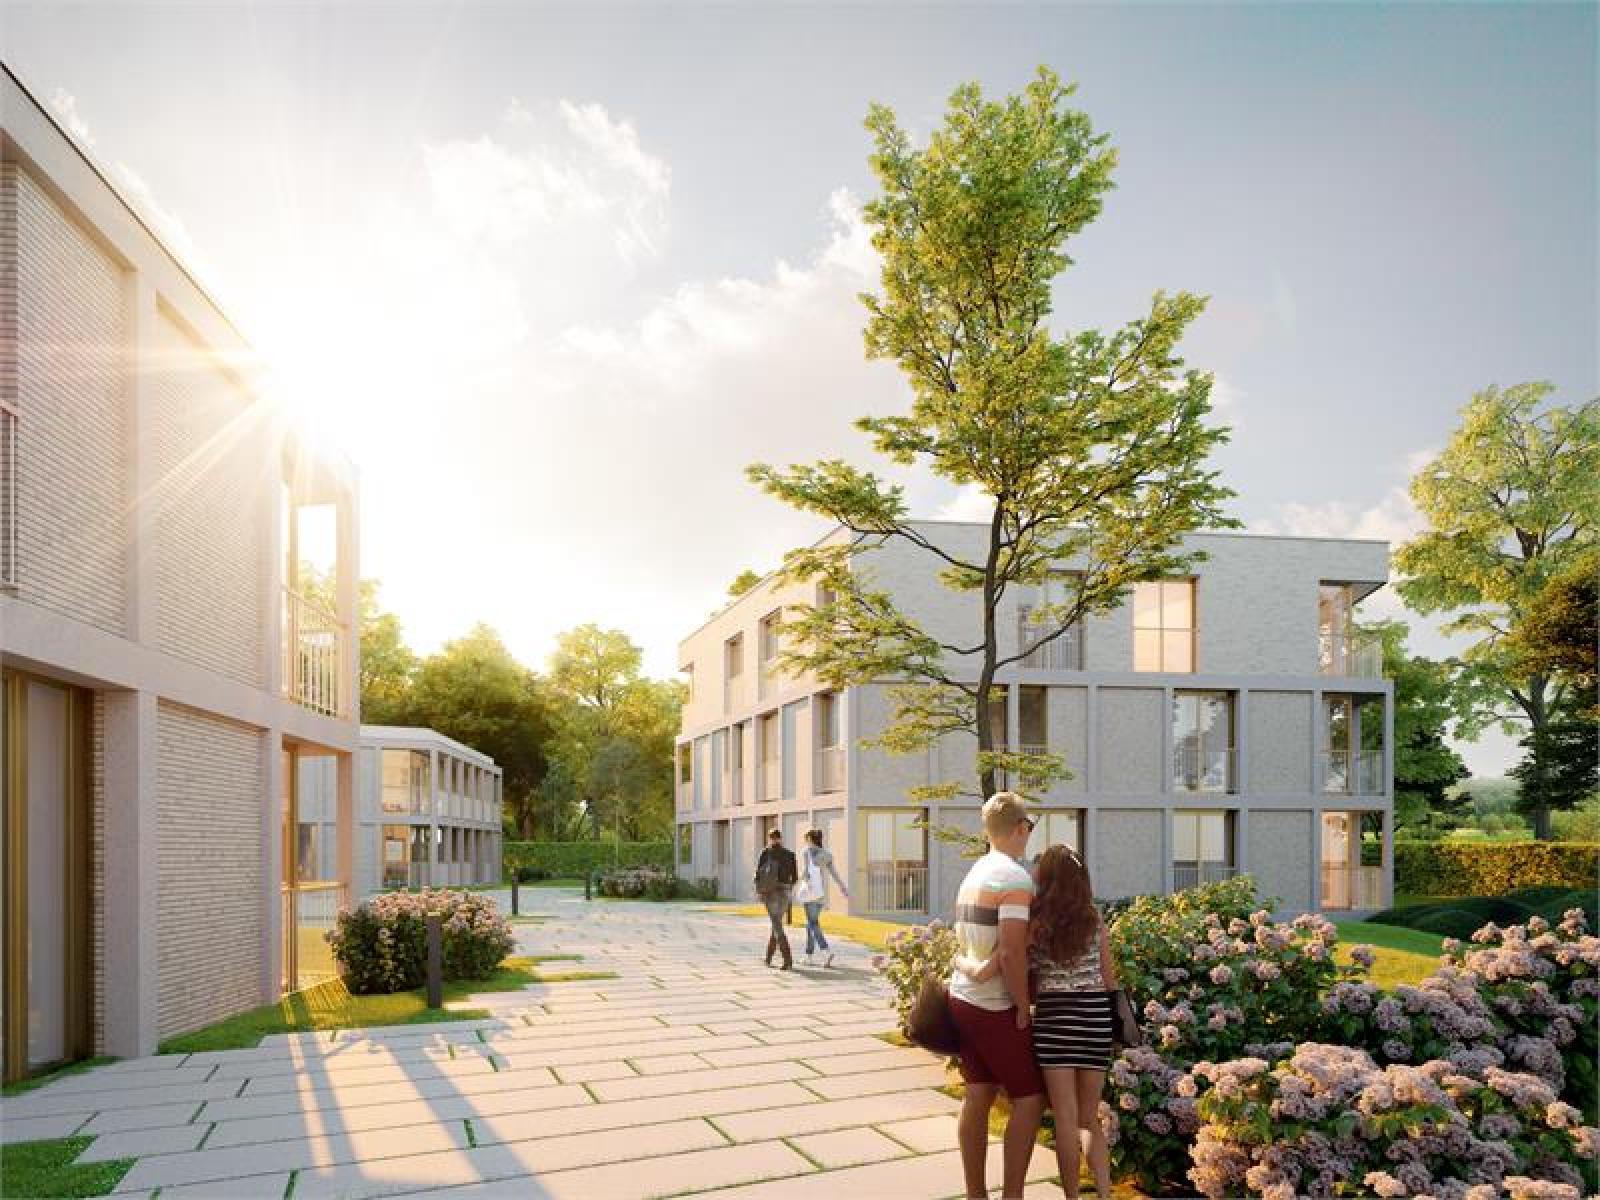 Nieuwbouw BEN-appartement op de eerste verdieping in prachtig binnengebied! afbeelding 4